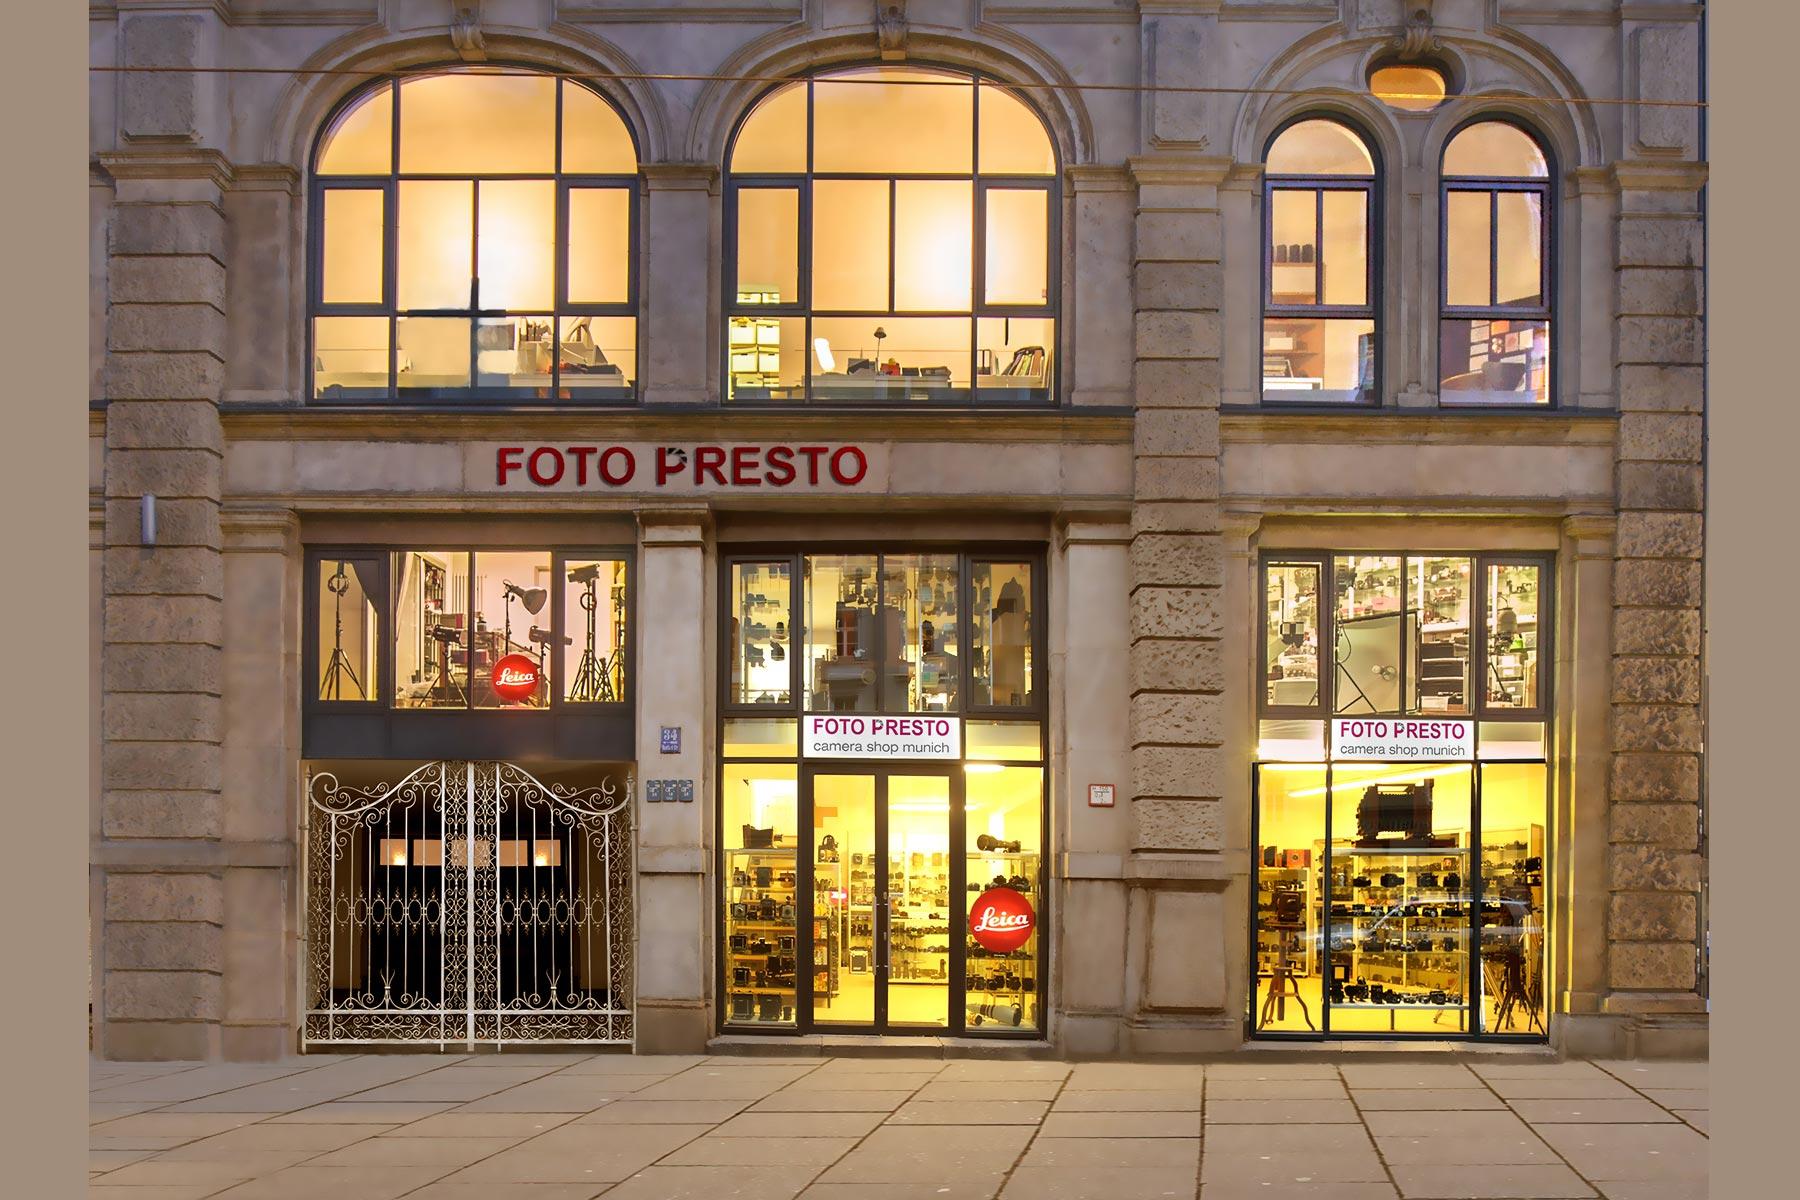 Foto Presto München